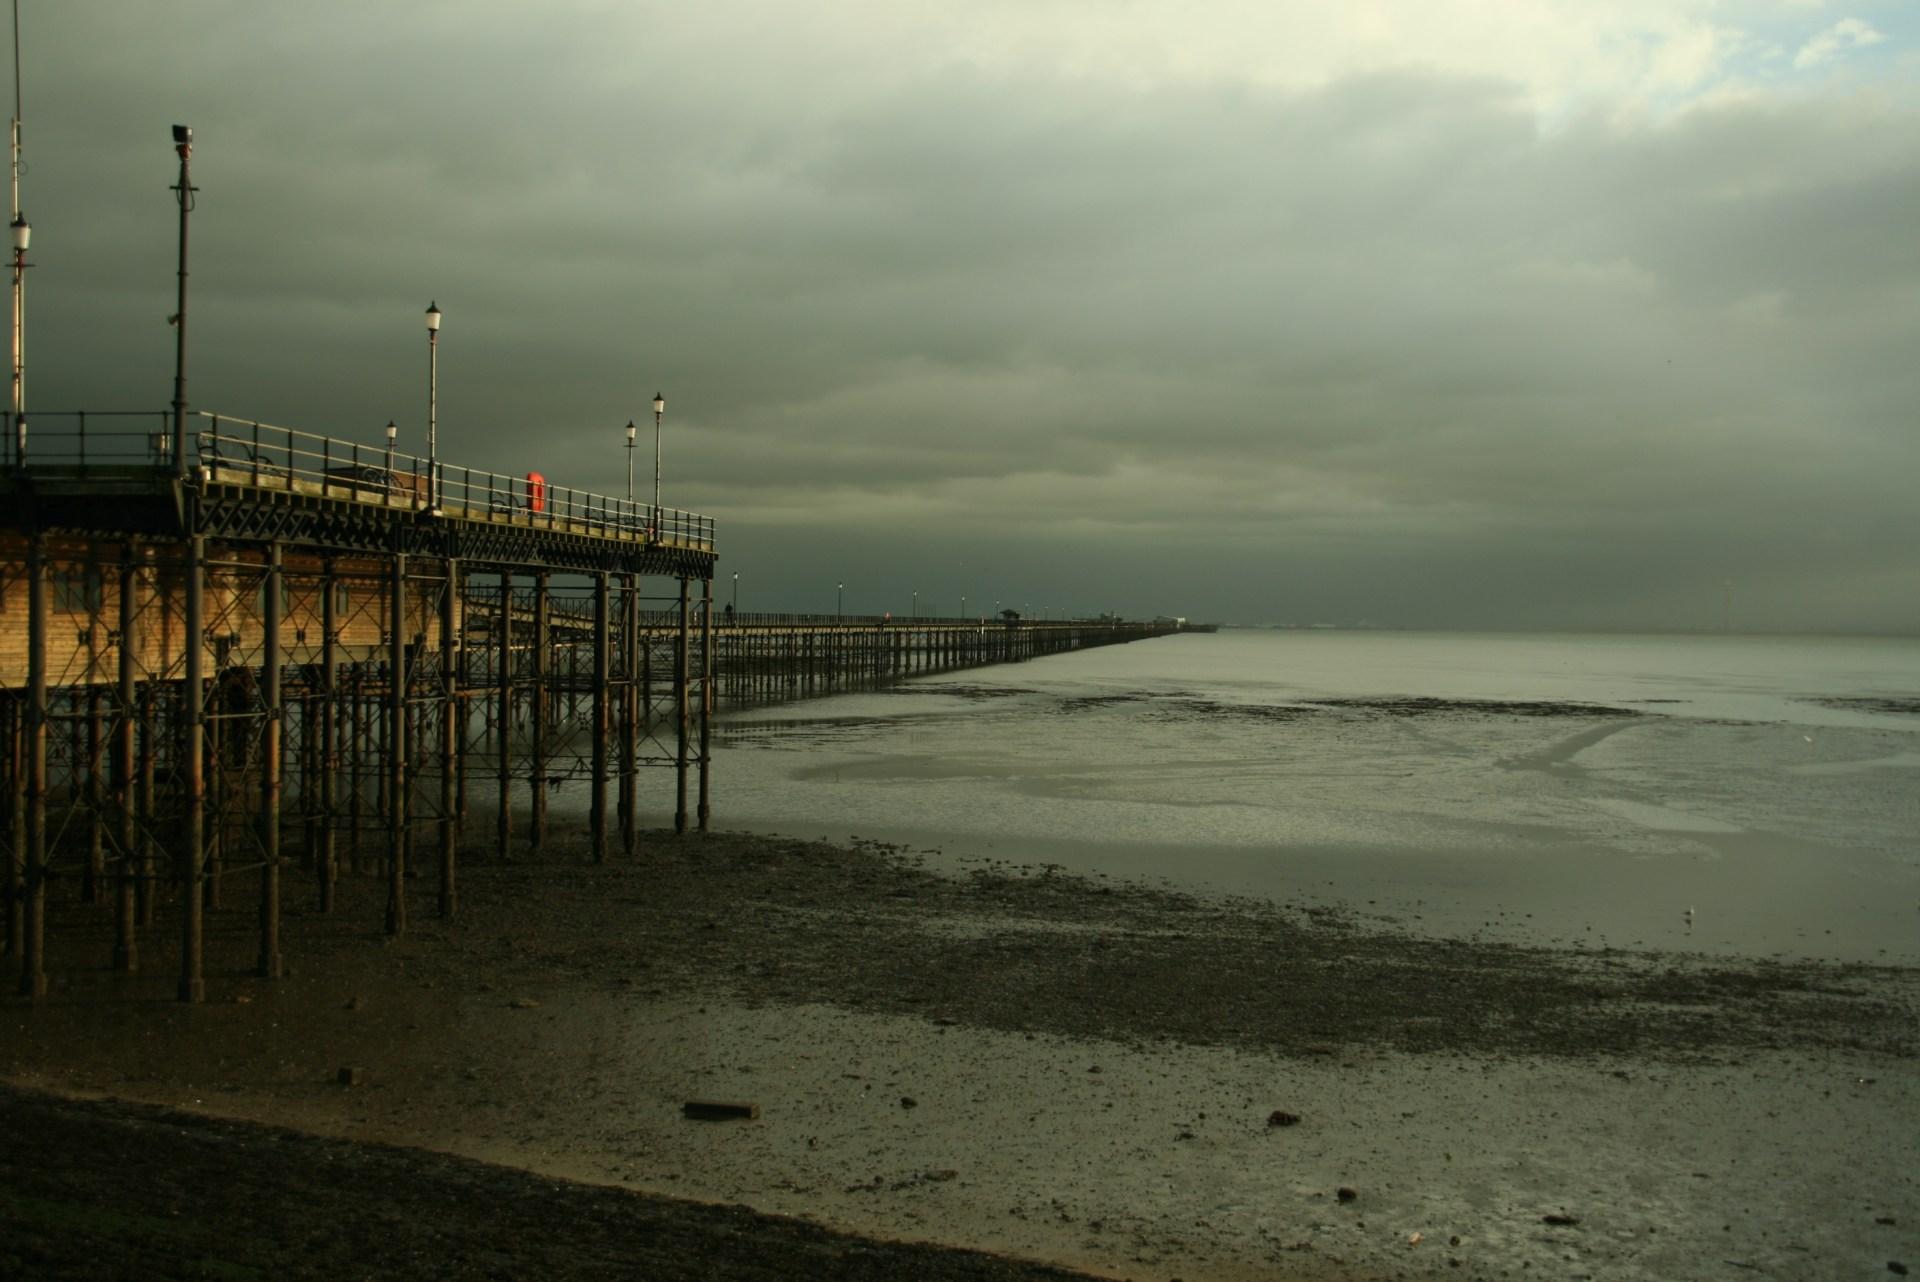 Southend has the world's longest pier